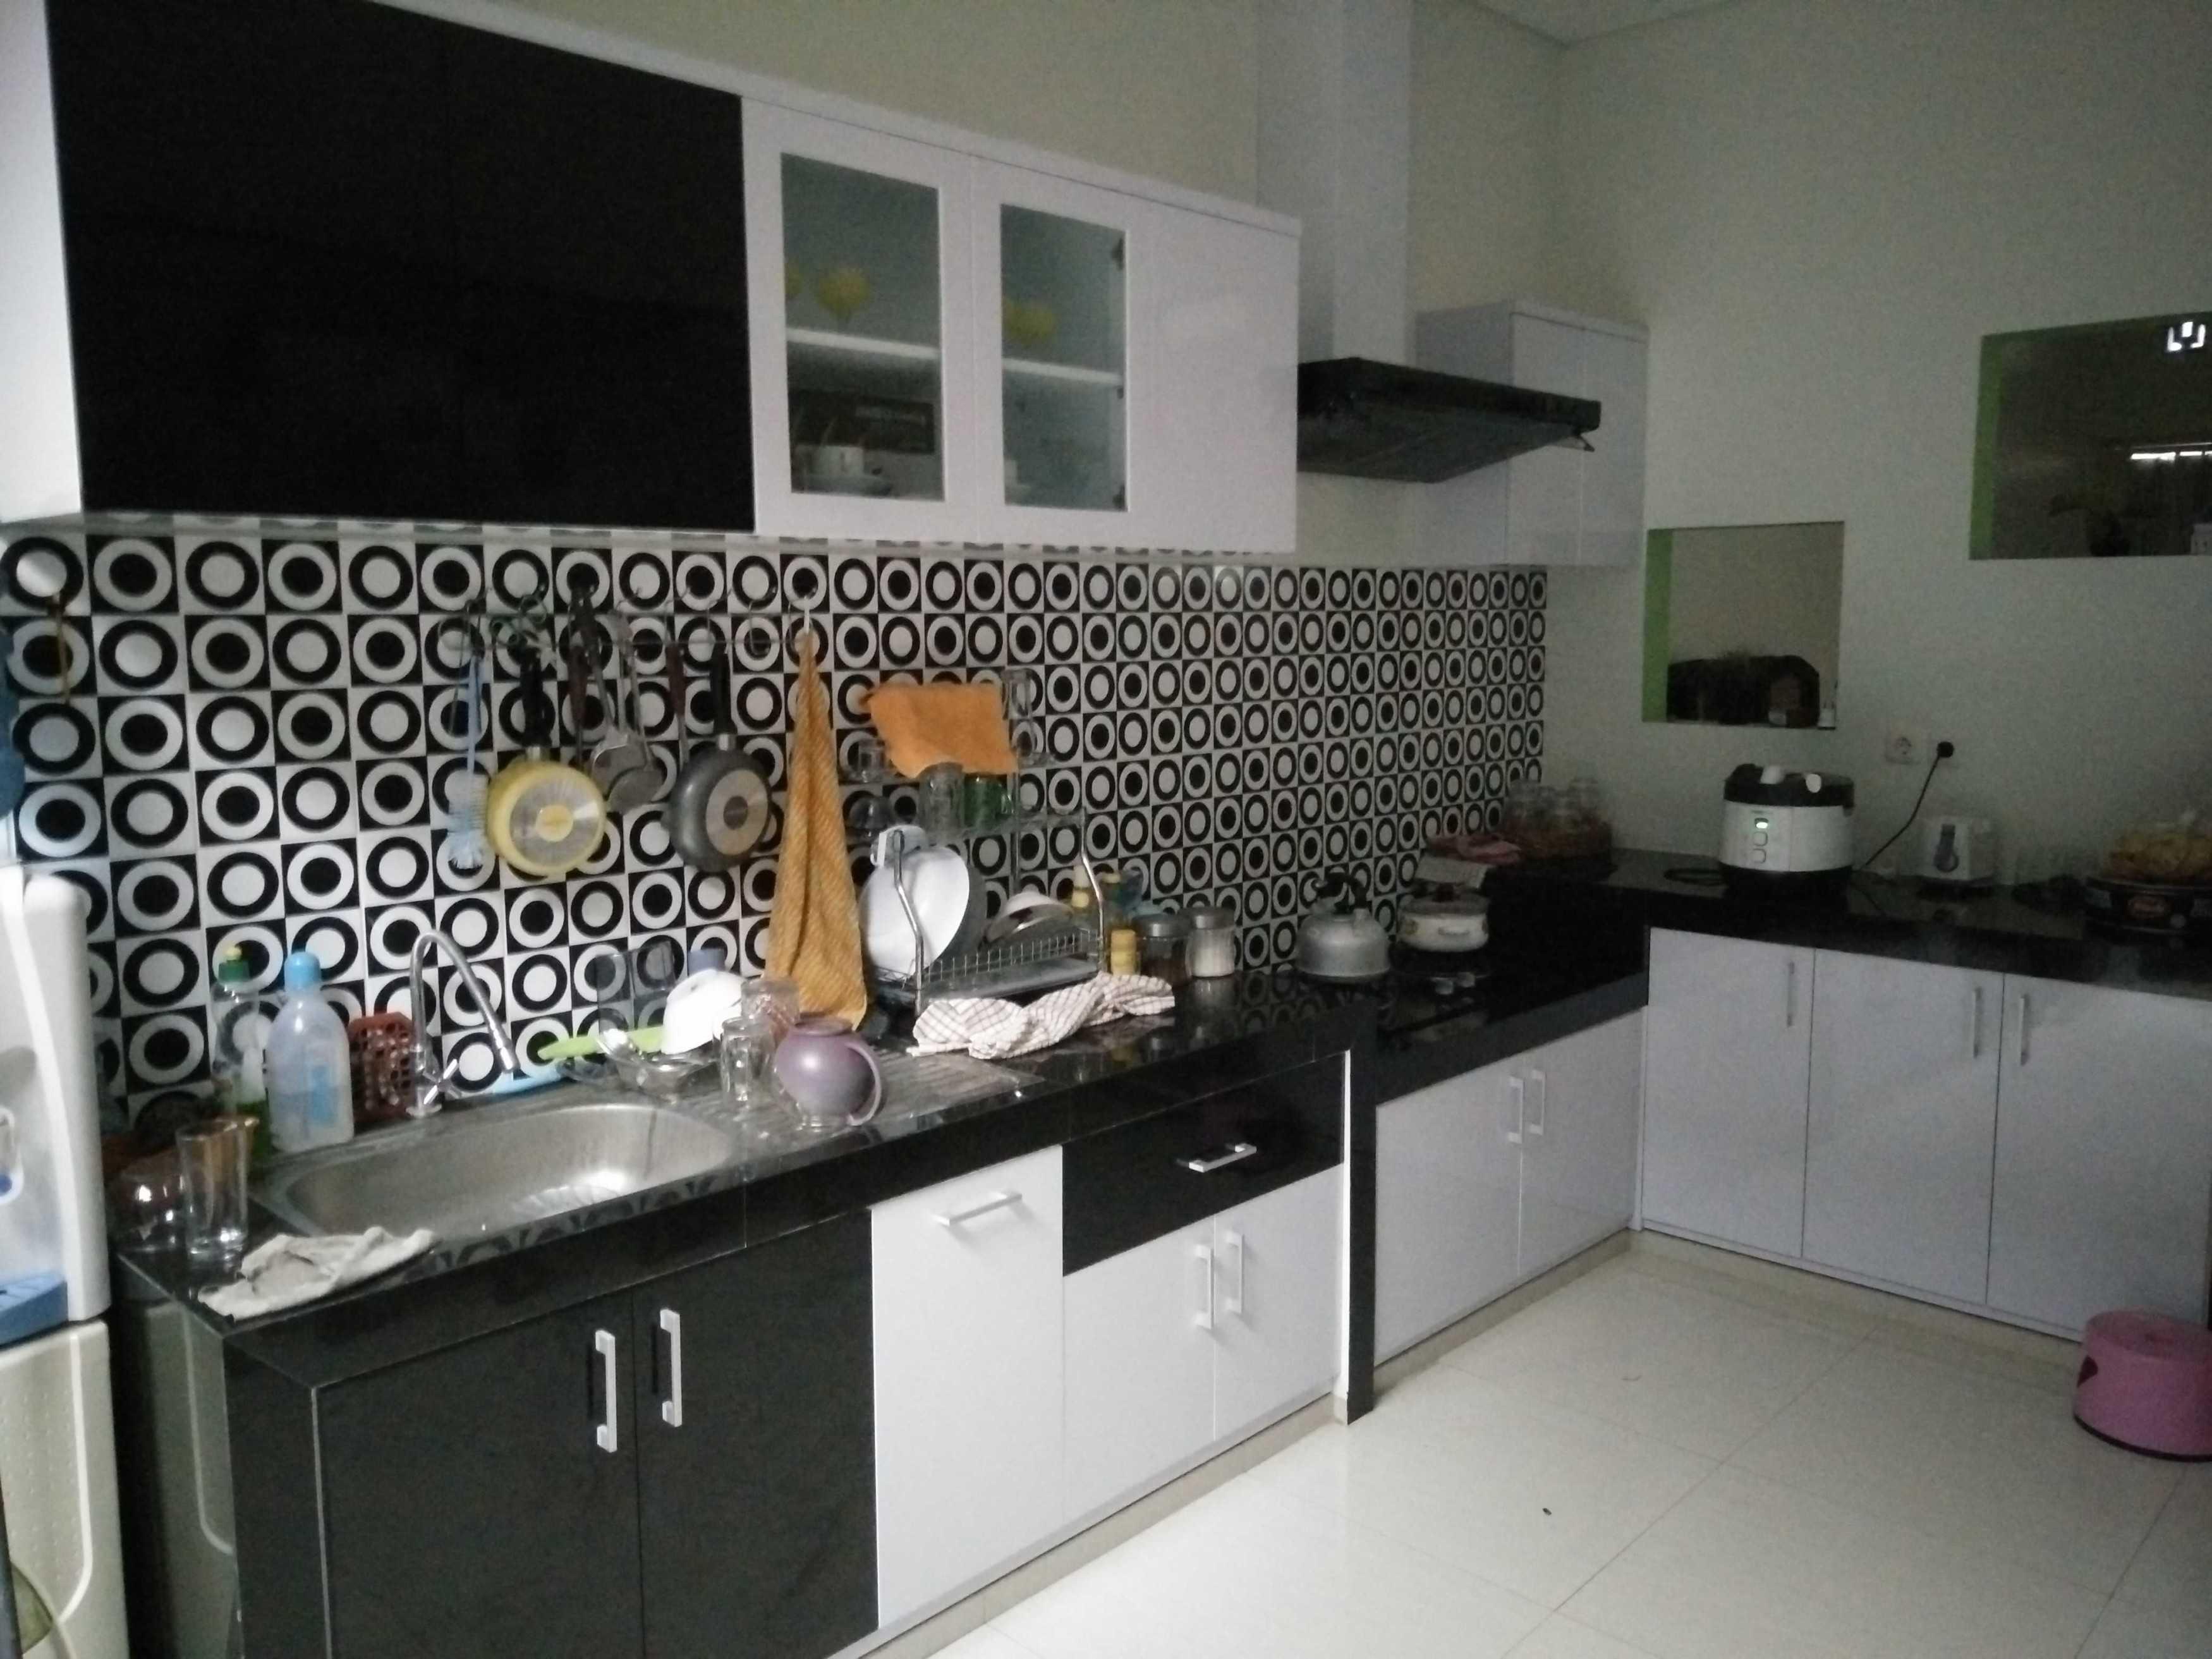 Trend Arch Kitchen Set Pandaan, Pasuruan, Jawa Timur, Indonesia Pandaan, Pasuruan, Jawa Timur, Indonesia Kitchen Set Minimalis  41638